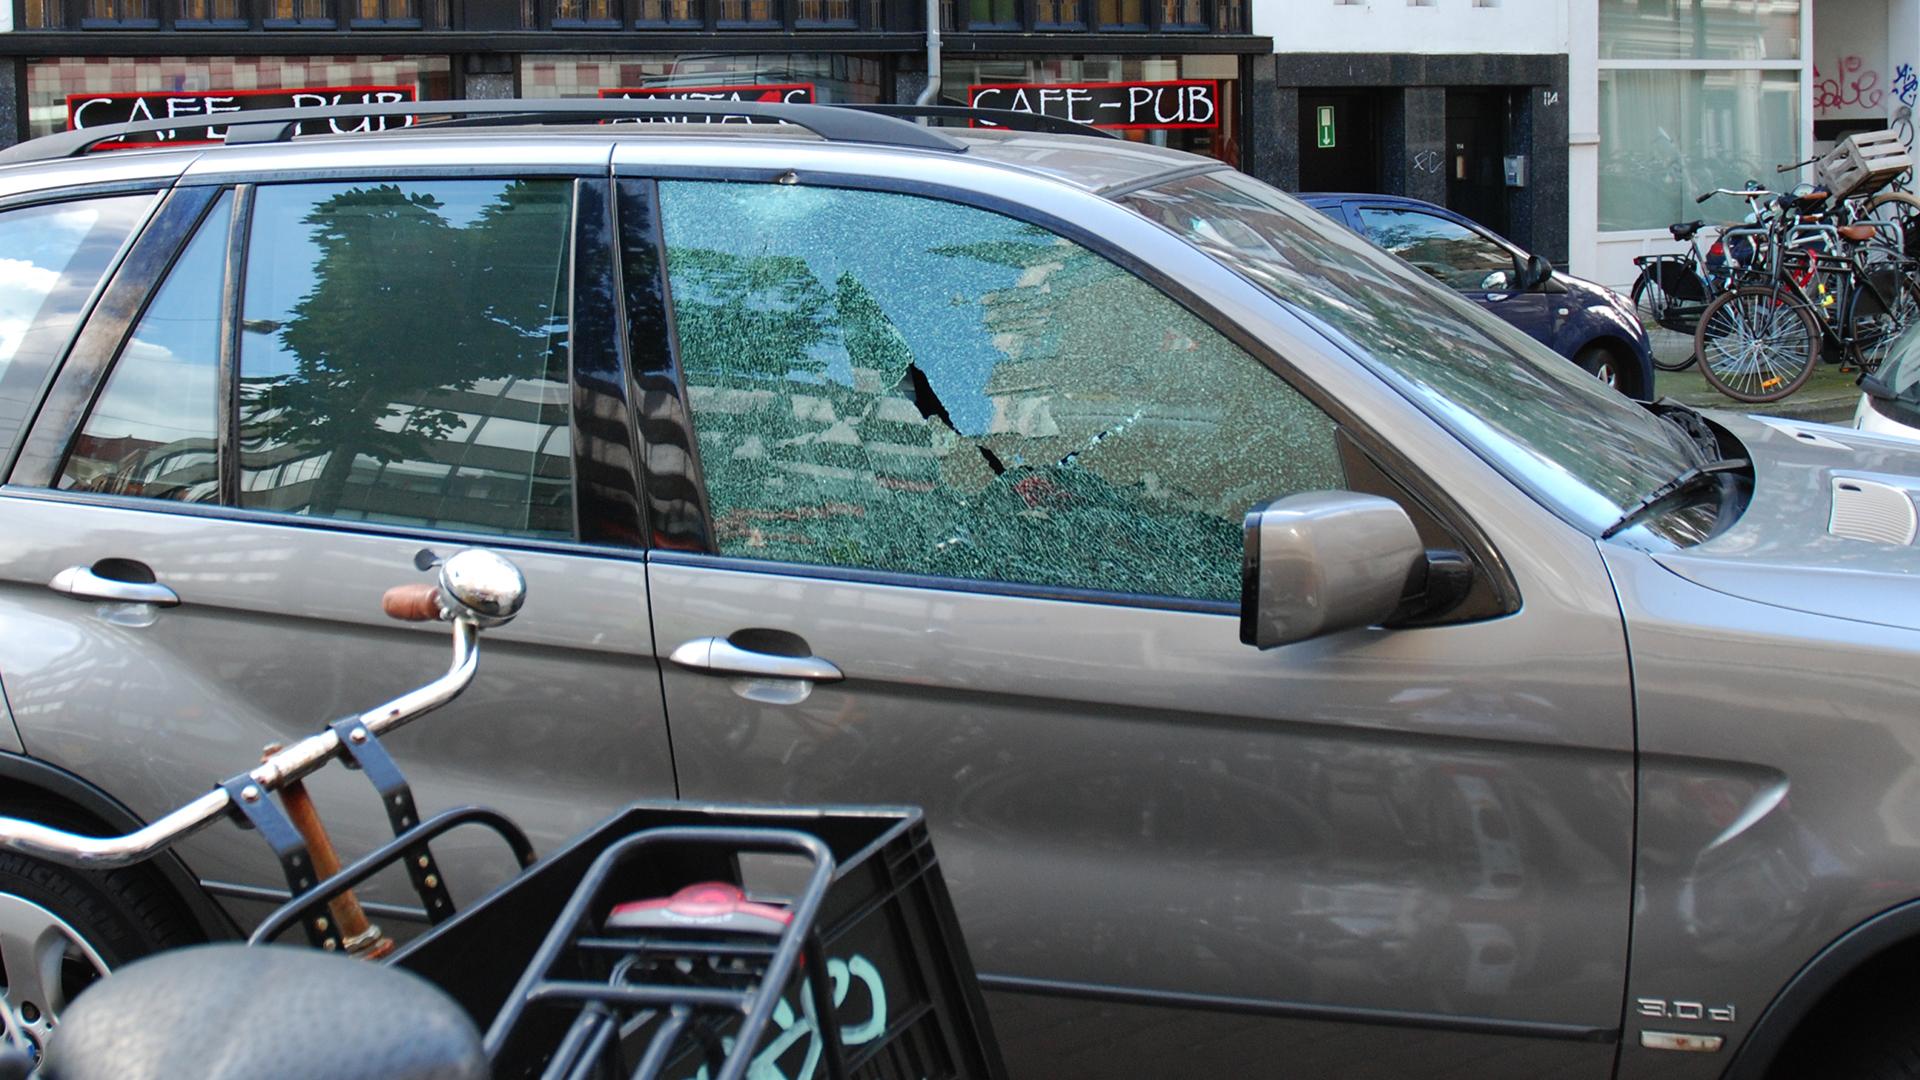 Ernstig schietincident hoek Ferdinand Bolstraat - Van Ostadestraat